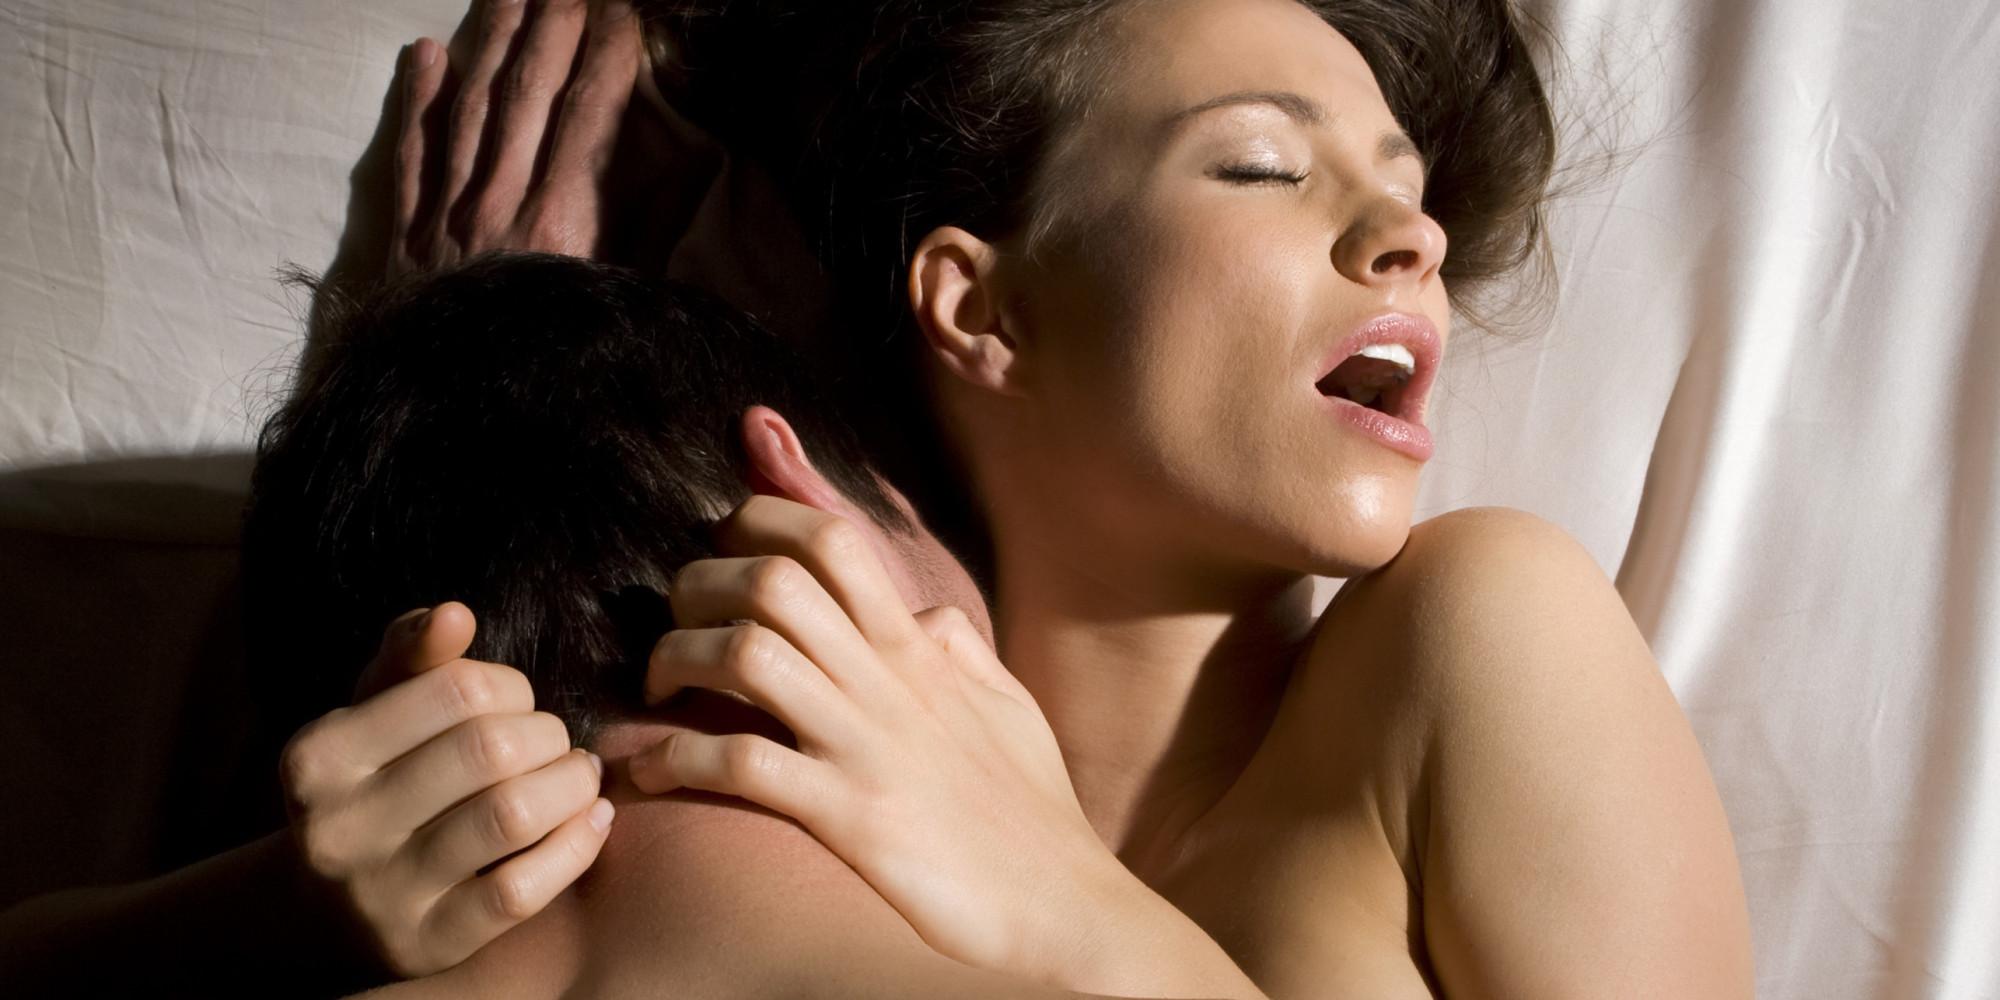 La masturbation peut réduire votre pénis